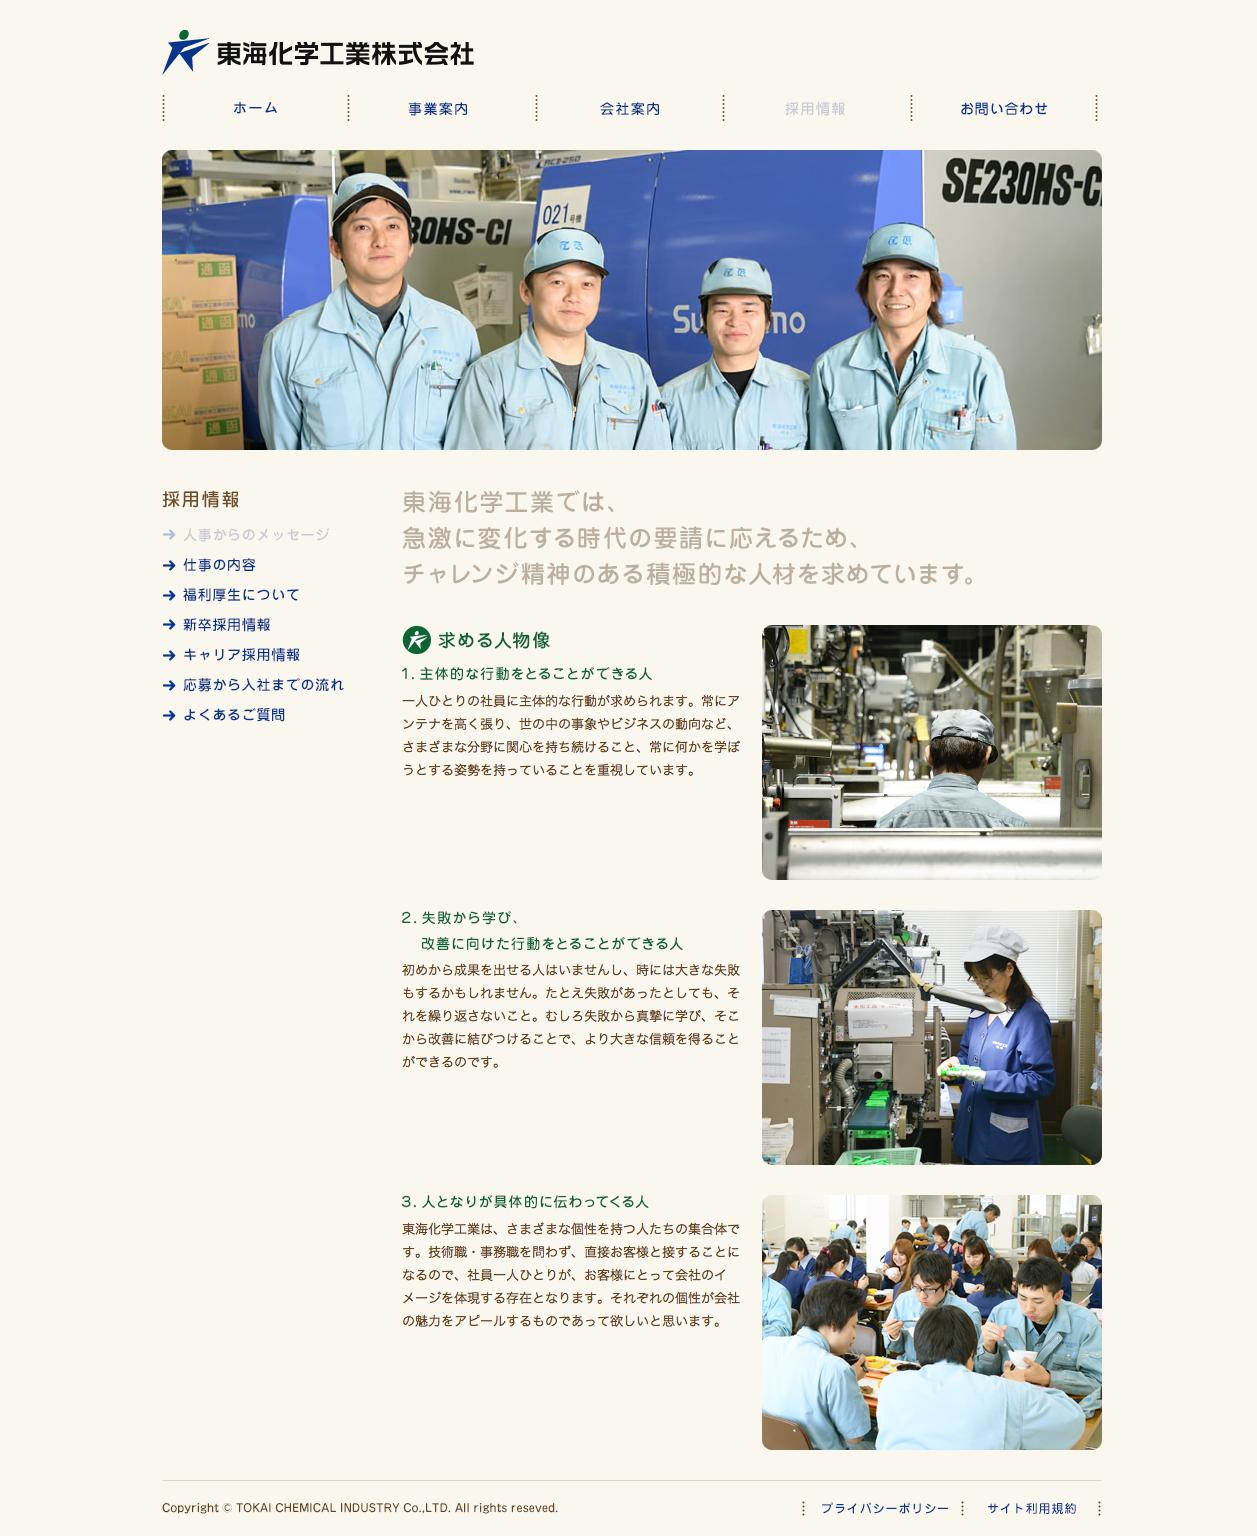 東海化学工業株式会社